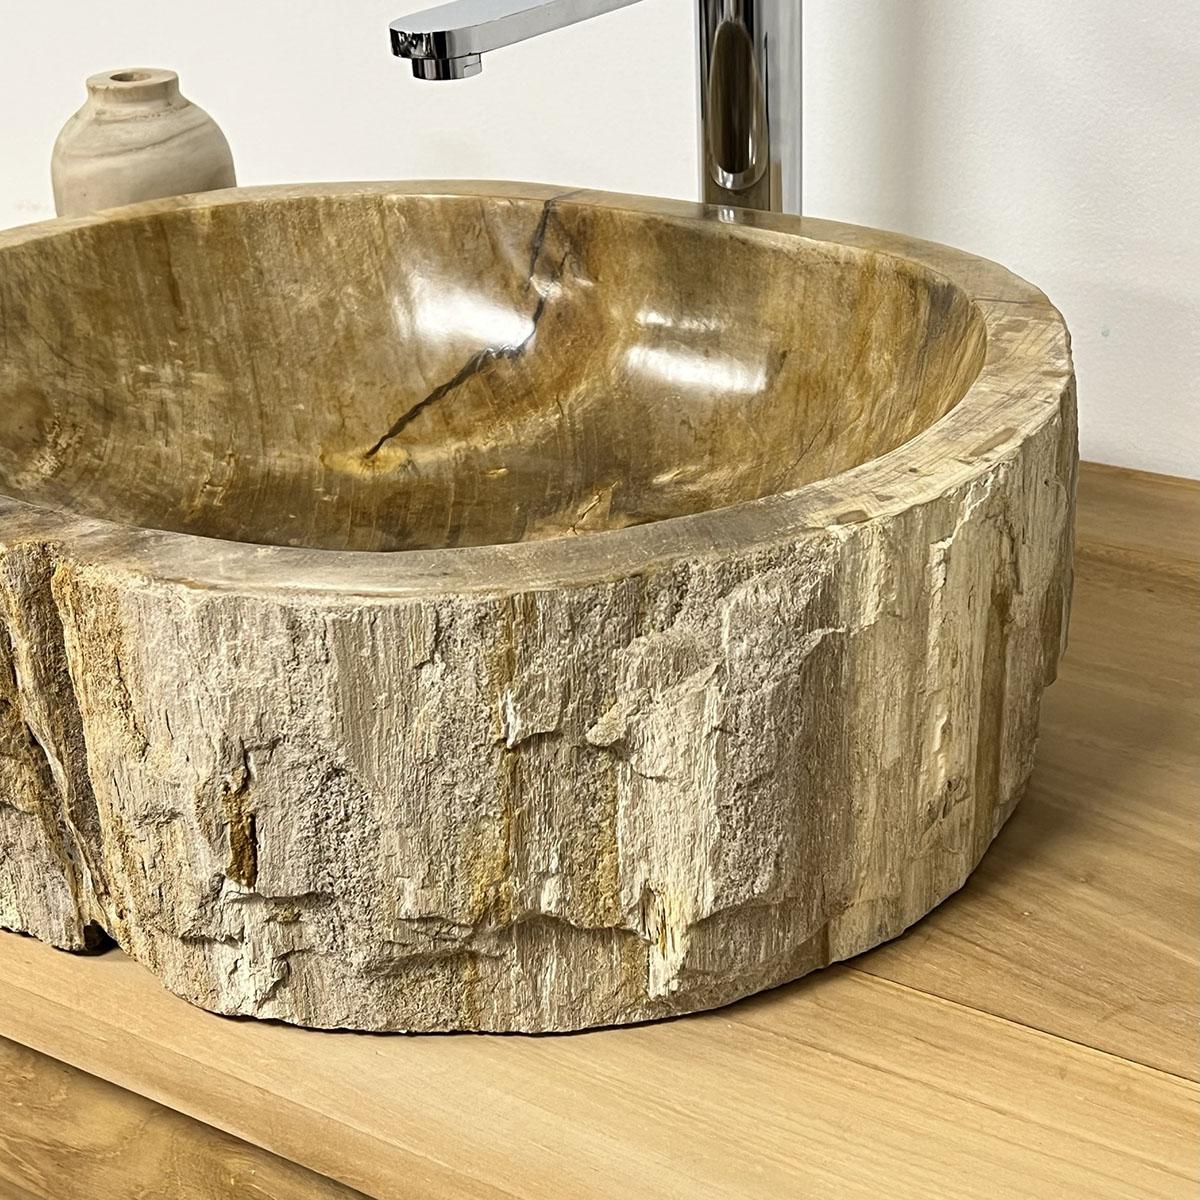 Lavabo de salle de bain en bois pétrifié fossilisé : marron, l : 41 cm